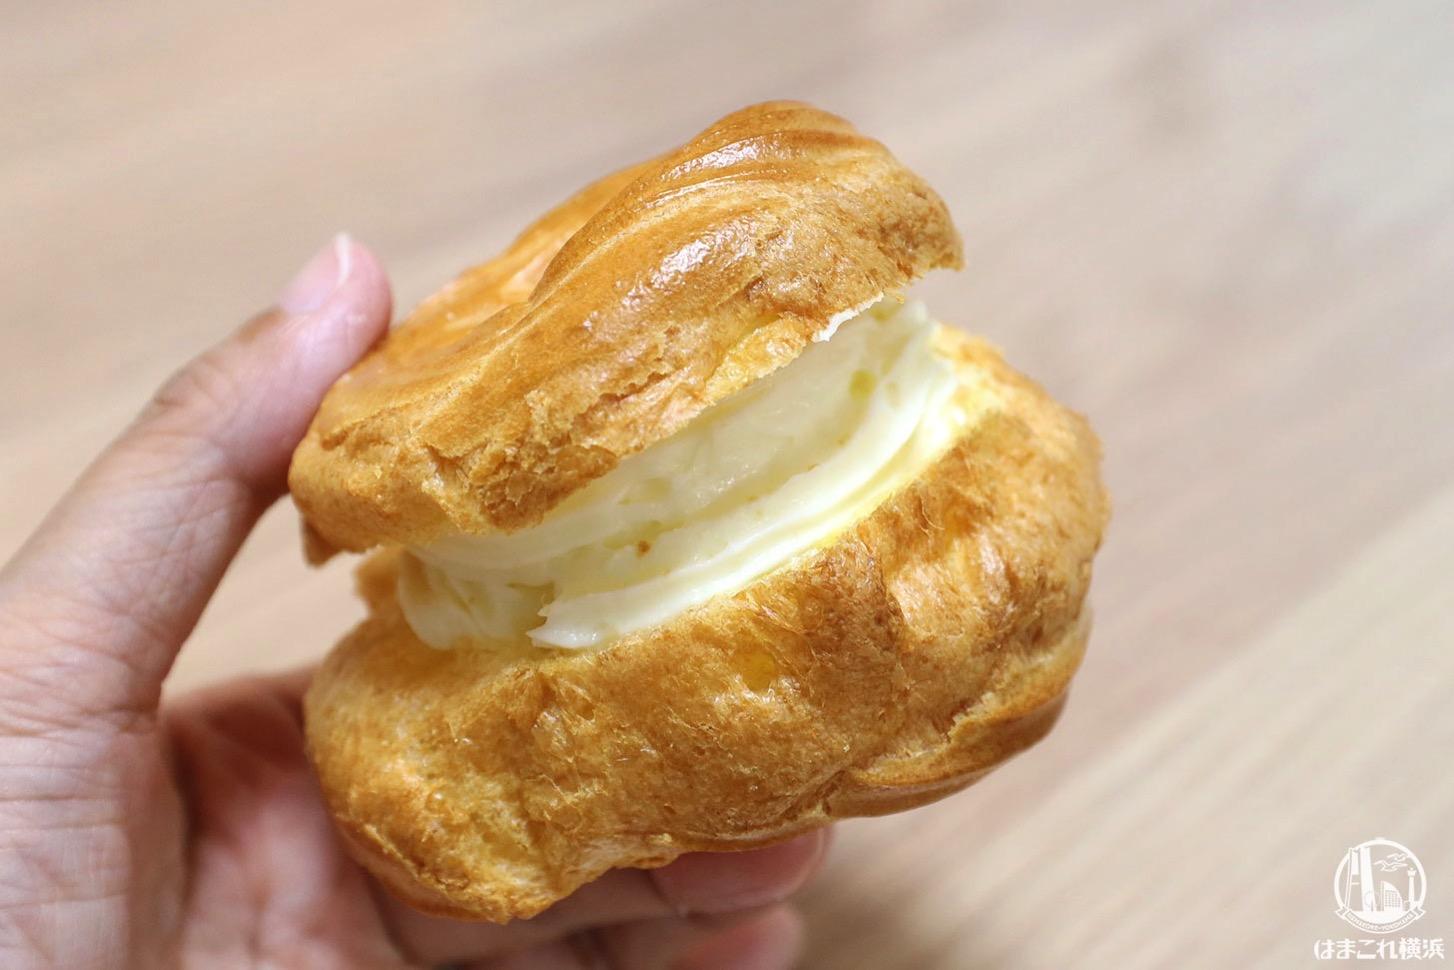 セルクル シュークリーム